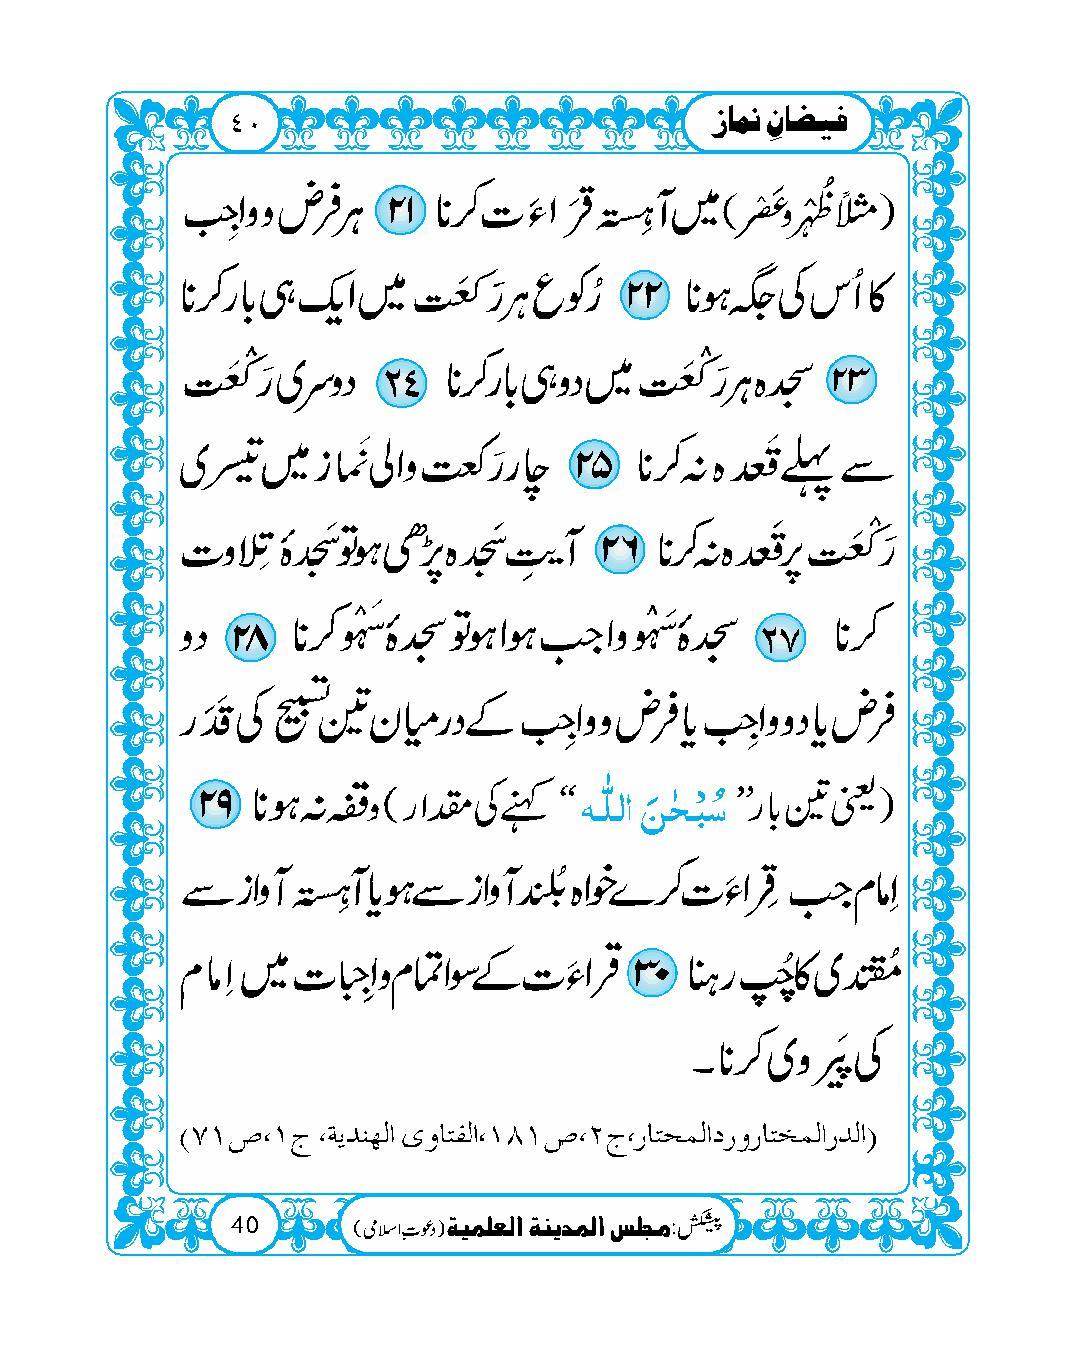 page No 40